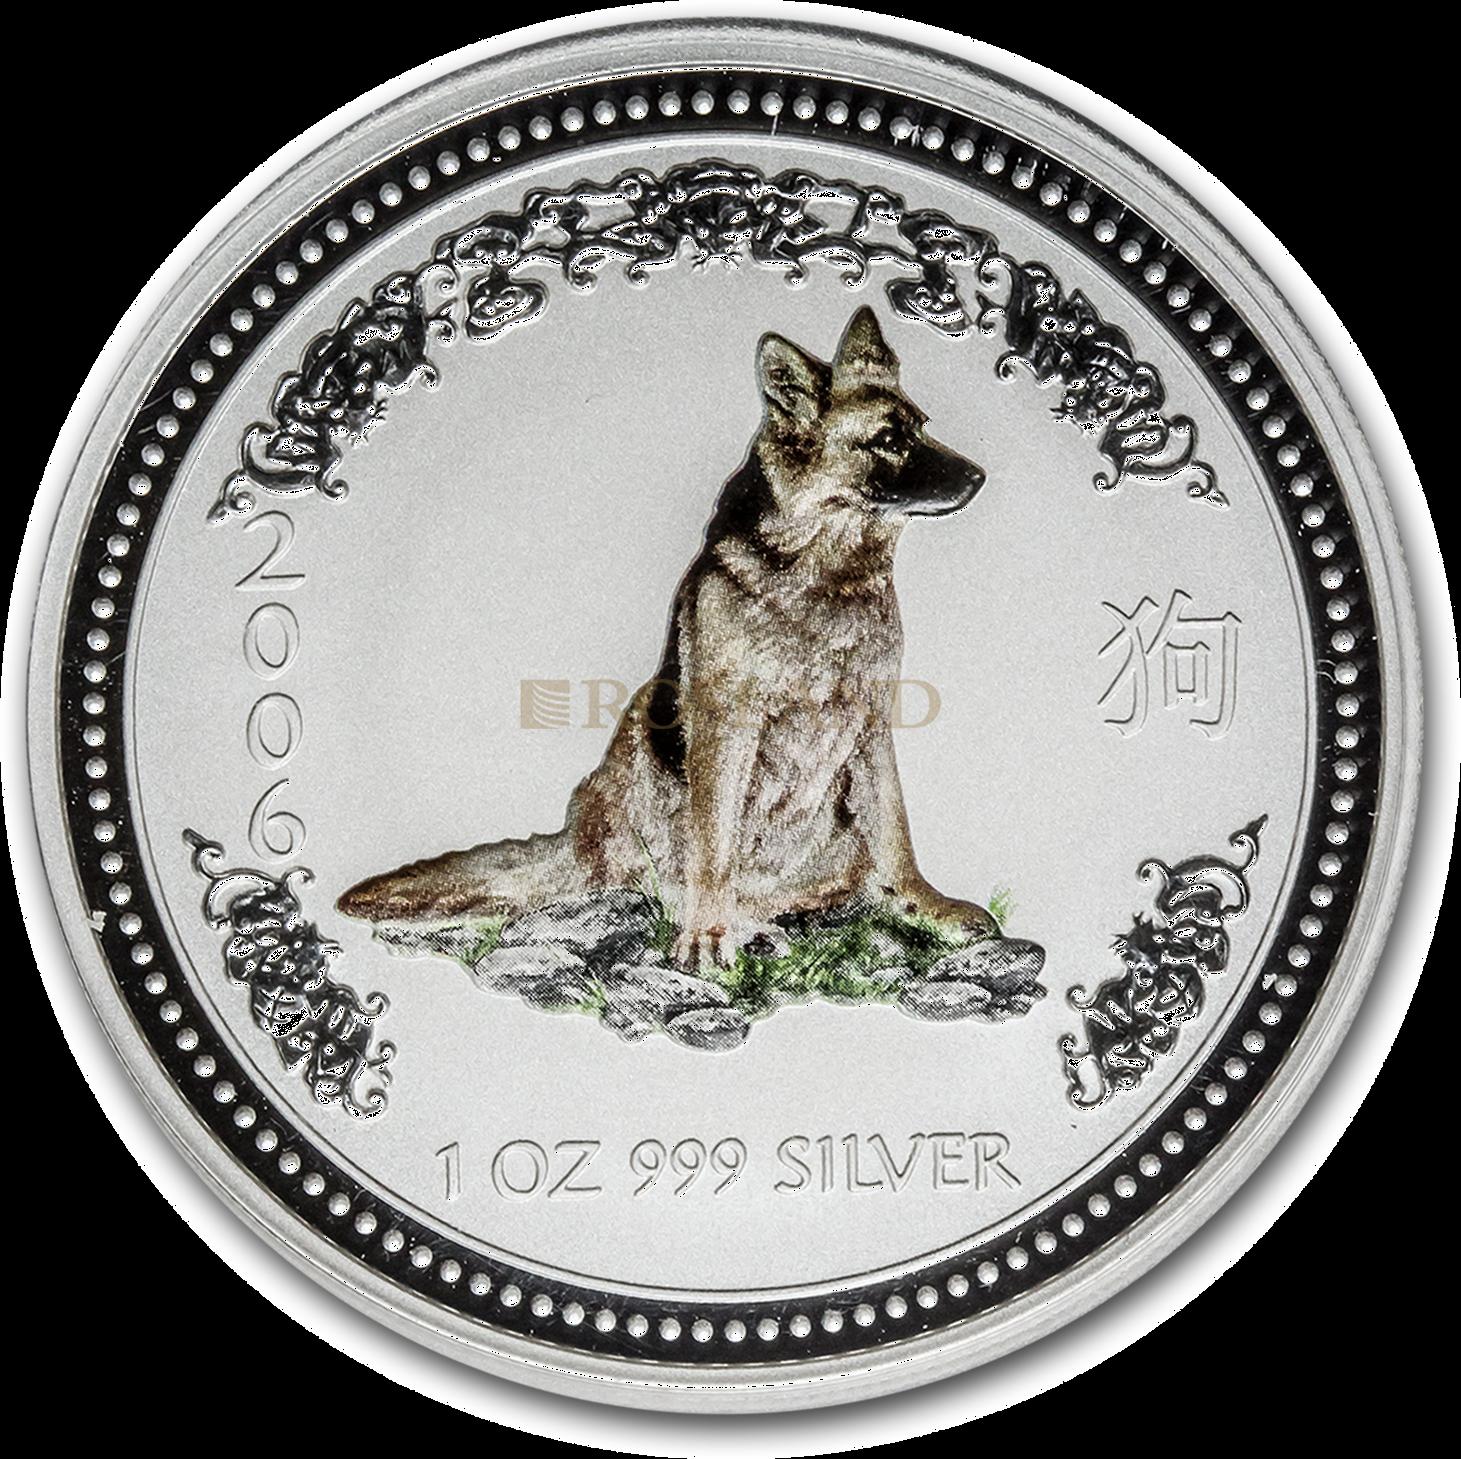 1 Unze Silbermünze Australien Lunar 1 Hund 2006 (Koloriert)